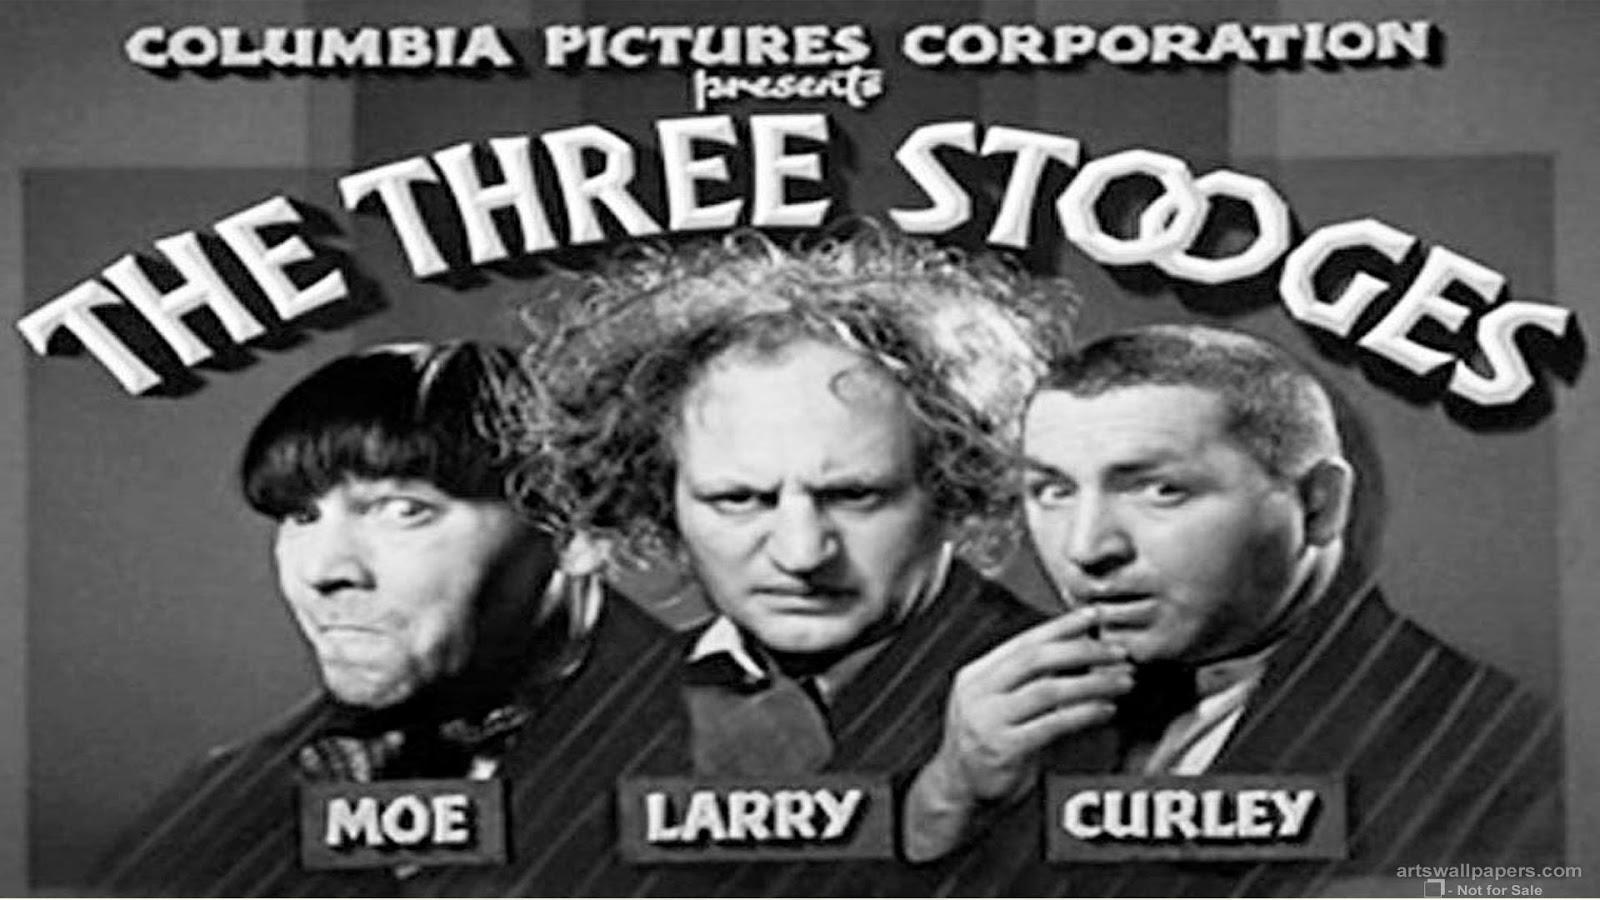 SeanPaulMurphyVille: The Three Stooges: An Analysis